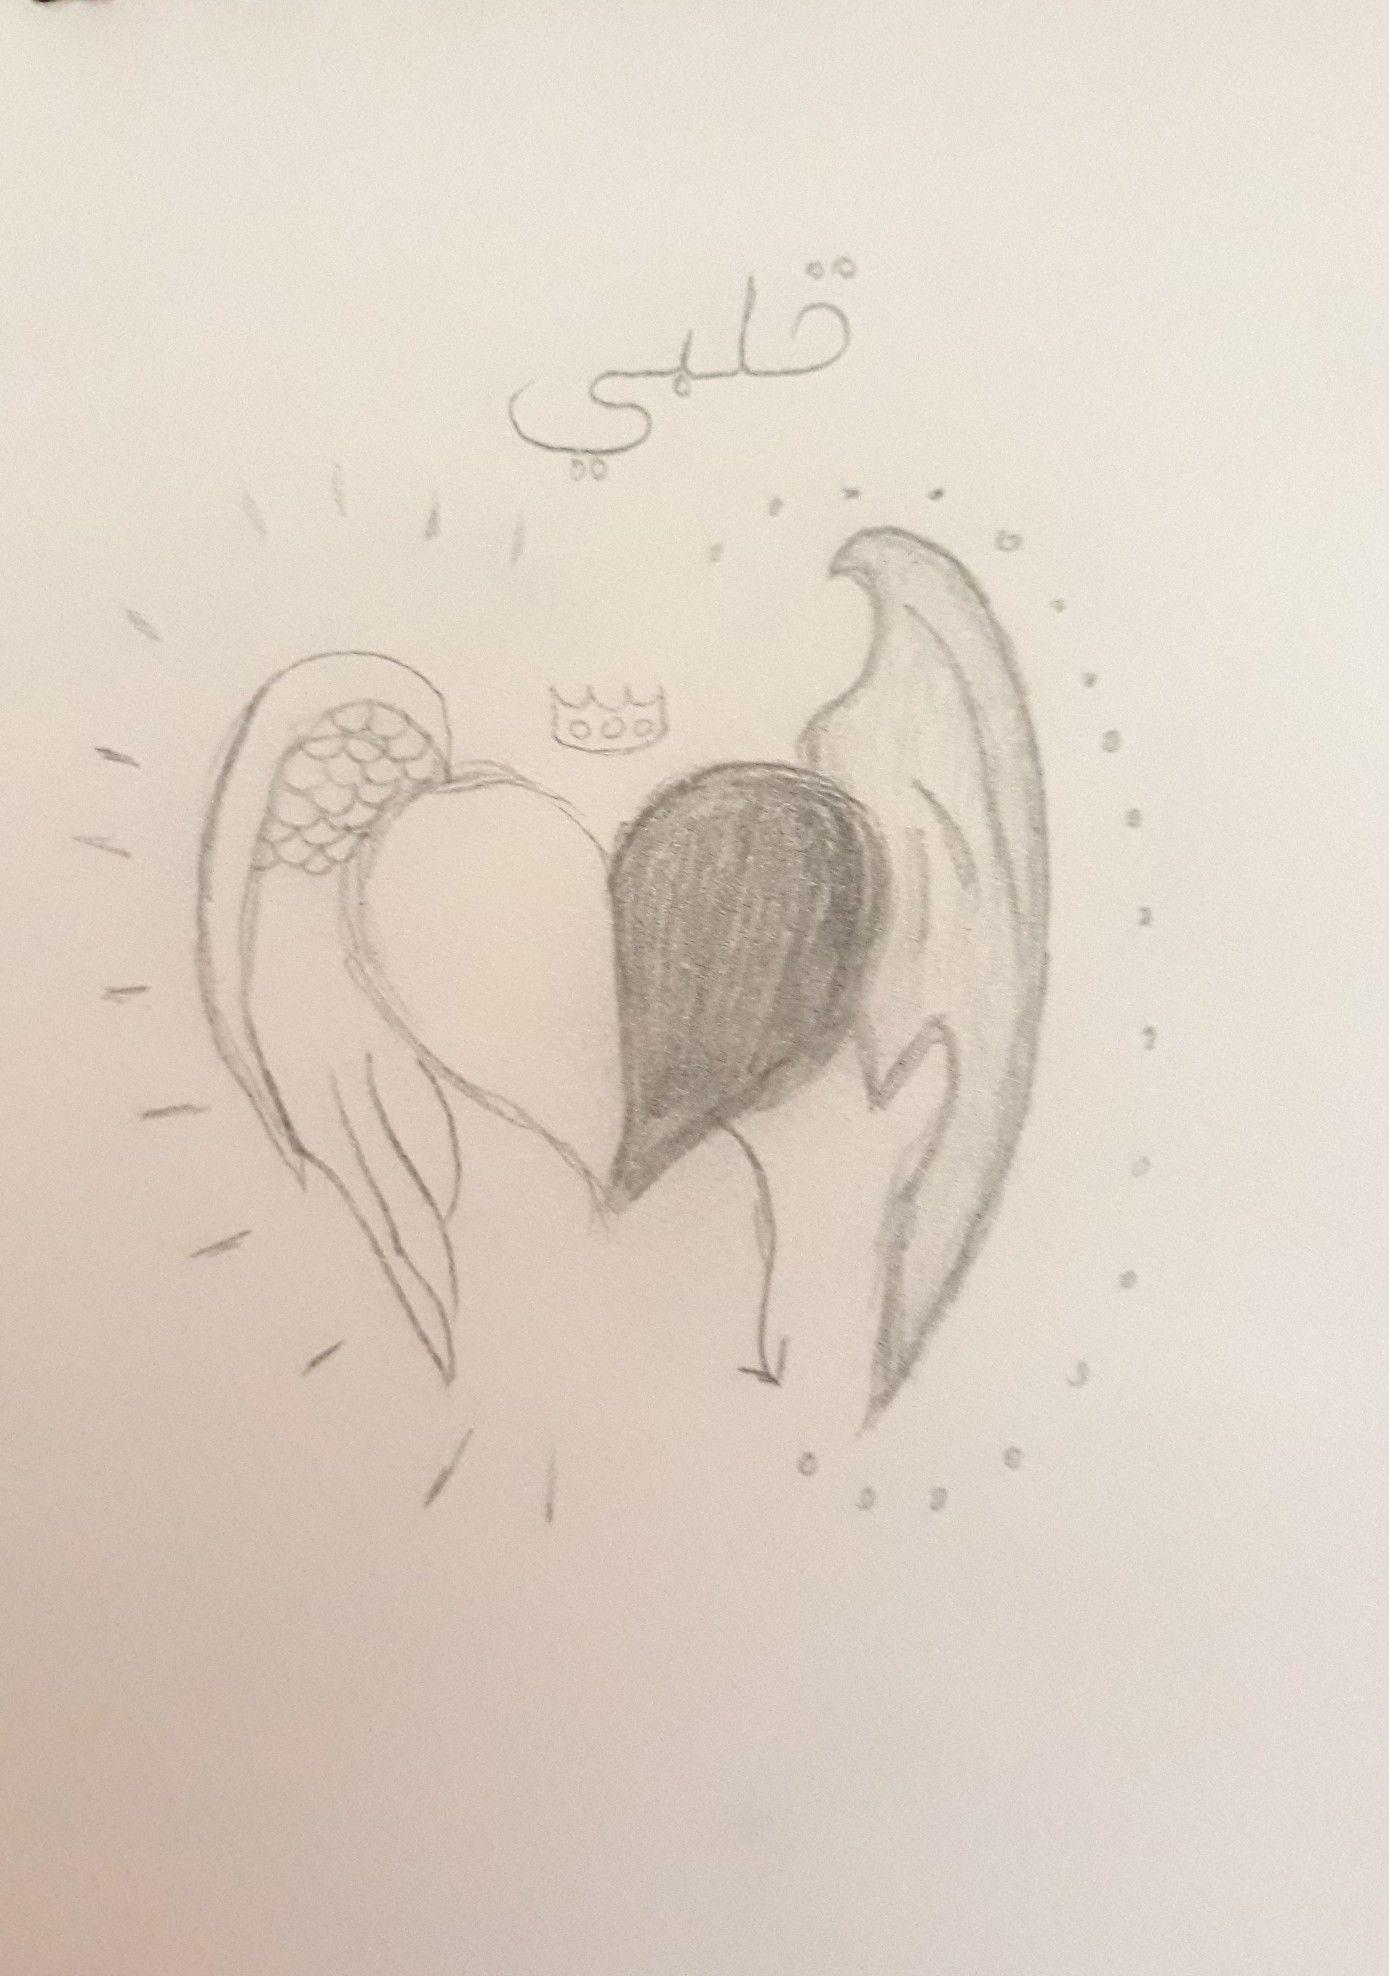 Dessin Coeur Facile En 2020 Dessin Dessin De Coeur Dessin Coeur